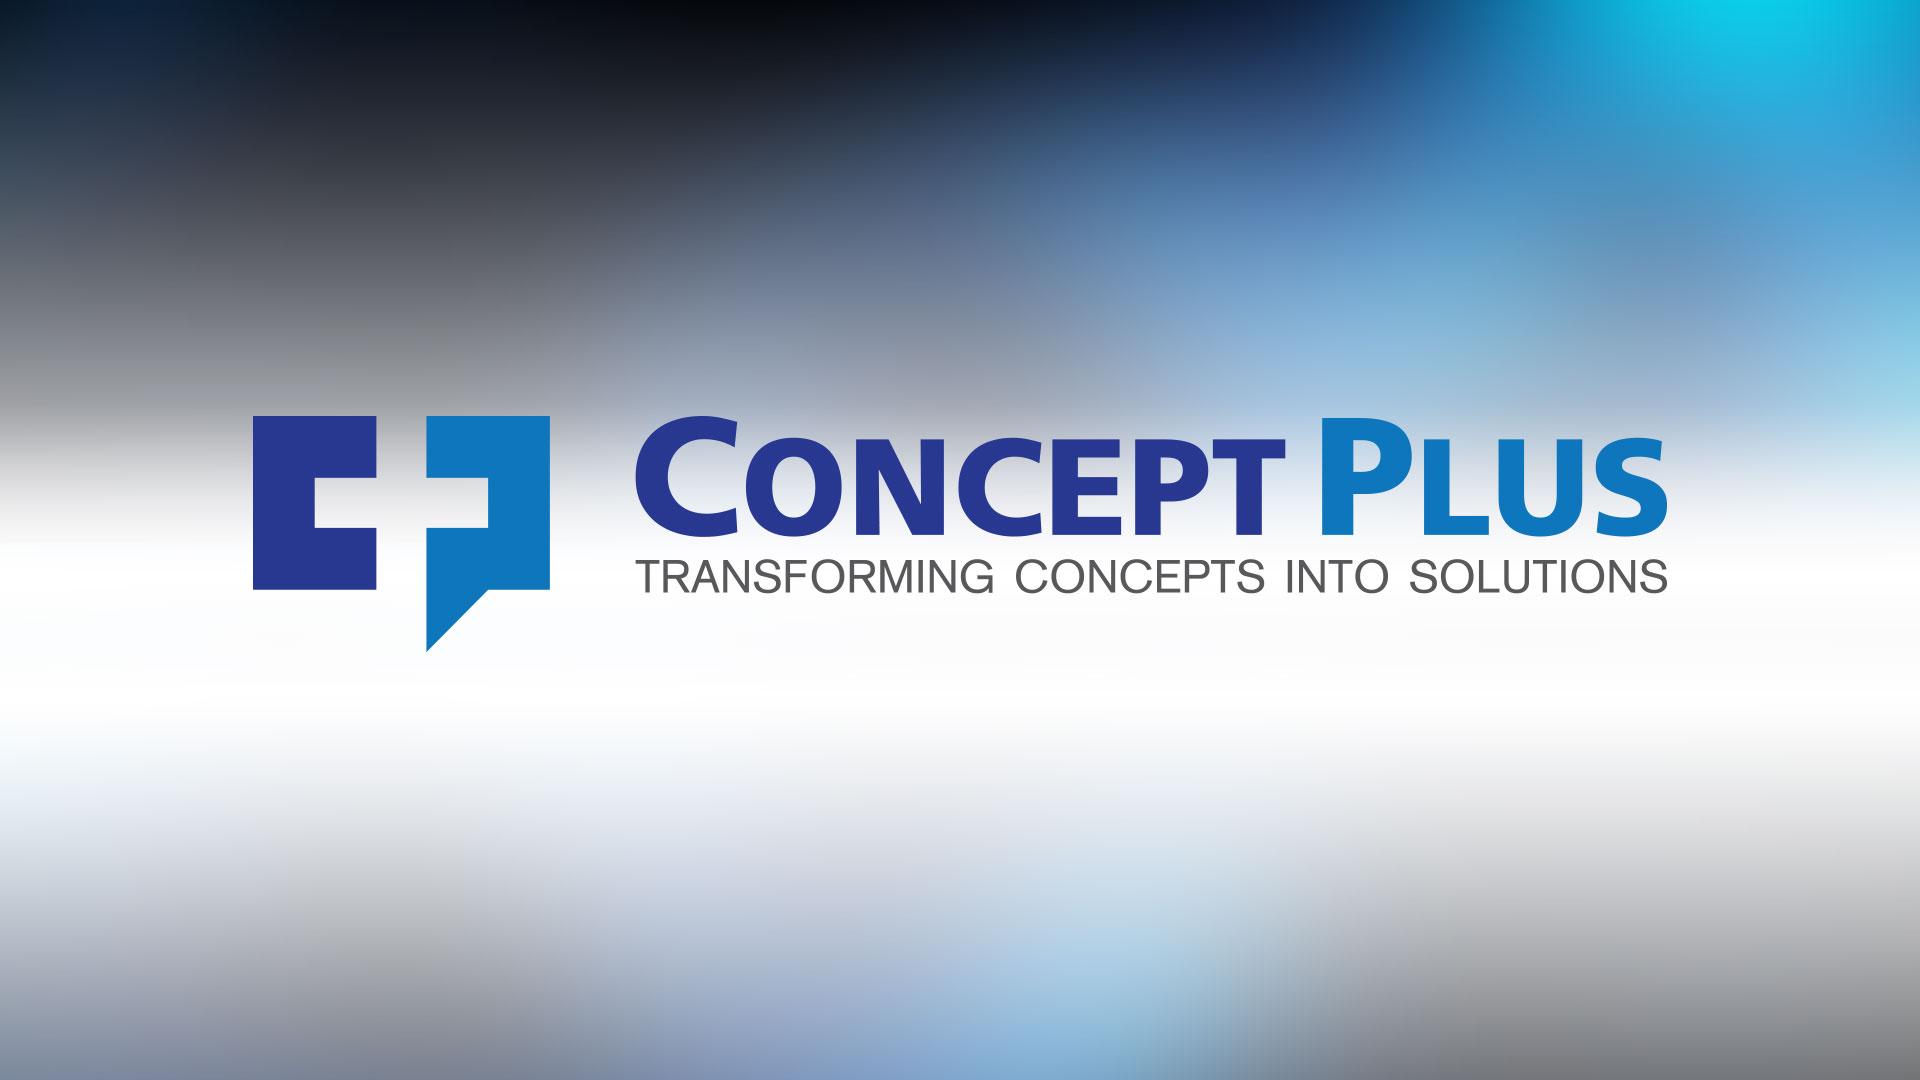 Concept Plus, LLC